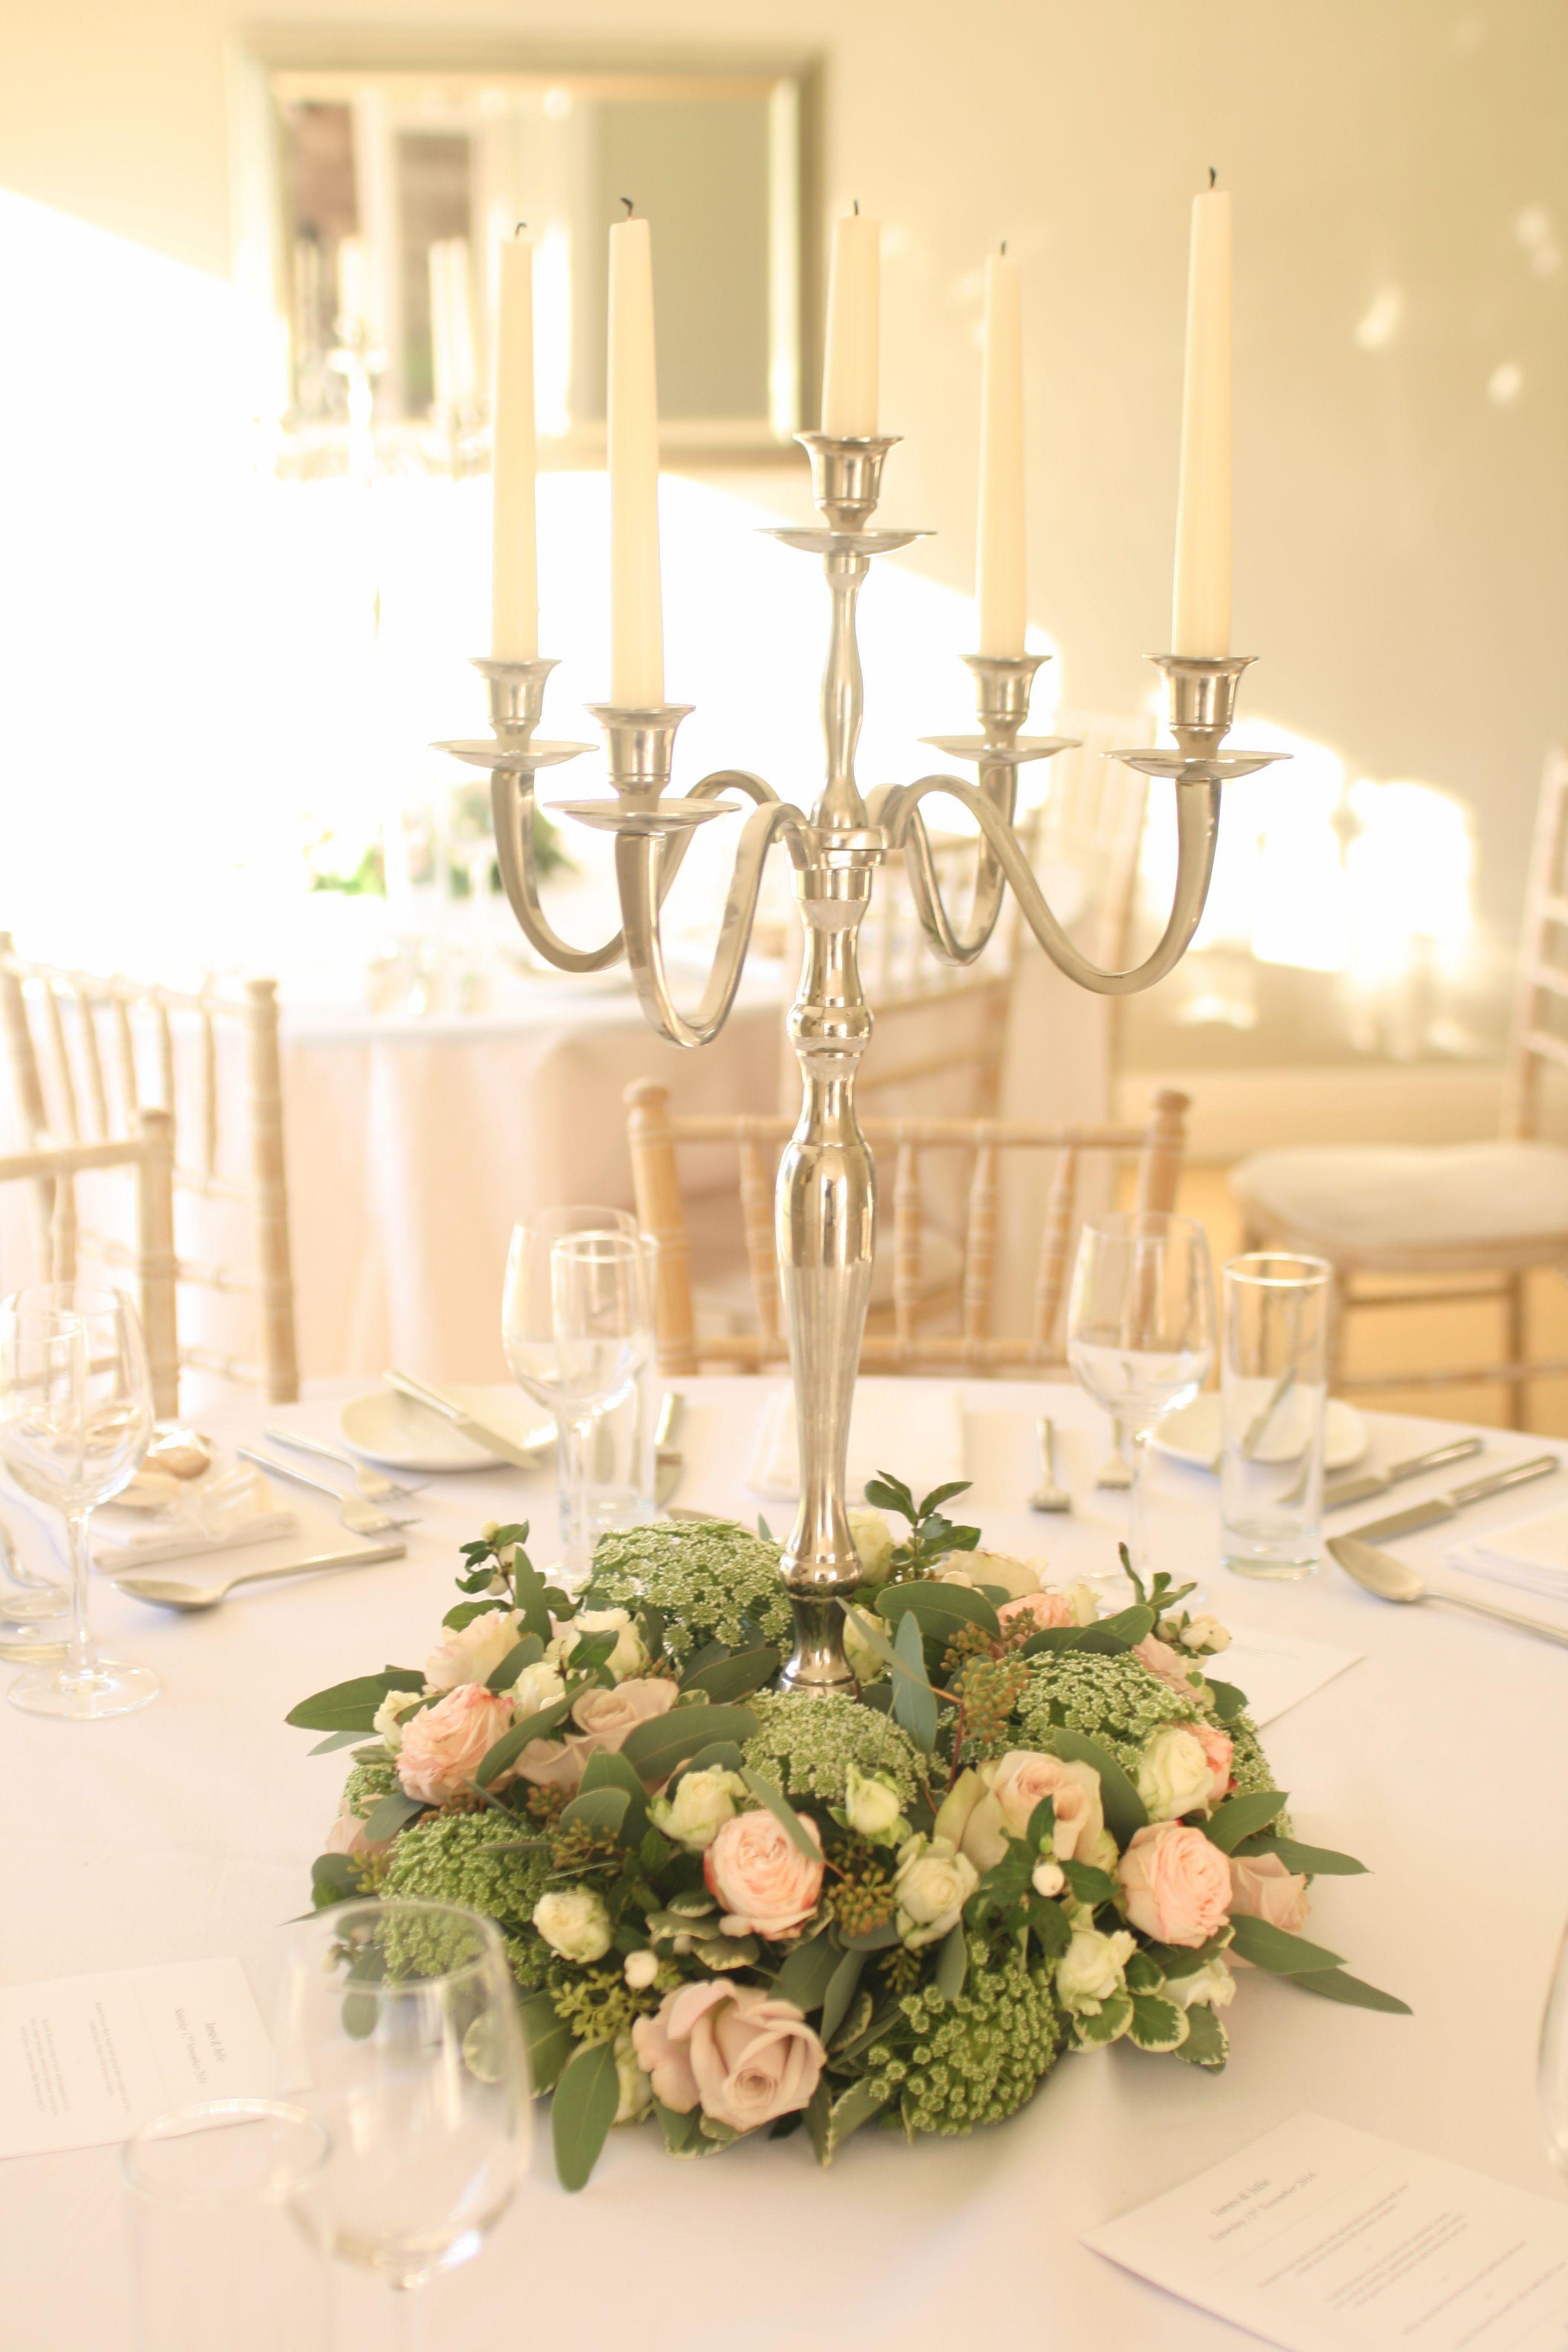 Candelabra Centrepiece Candelabra Wedding Centerpieces Candelabra Wedding Candelabra Centerpiece